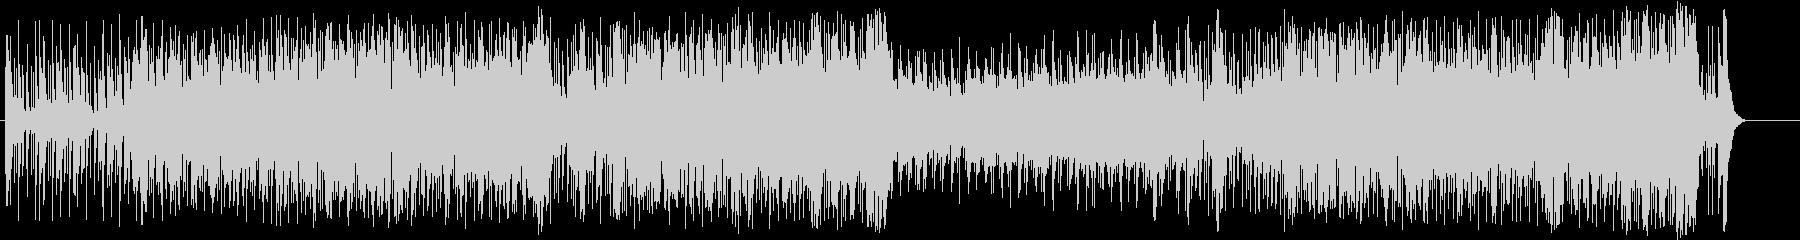 ブライトなフュージョン・サウンドの未再生の波形